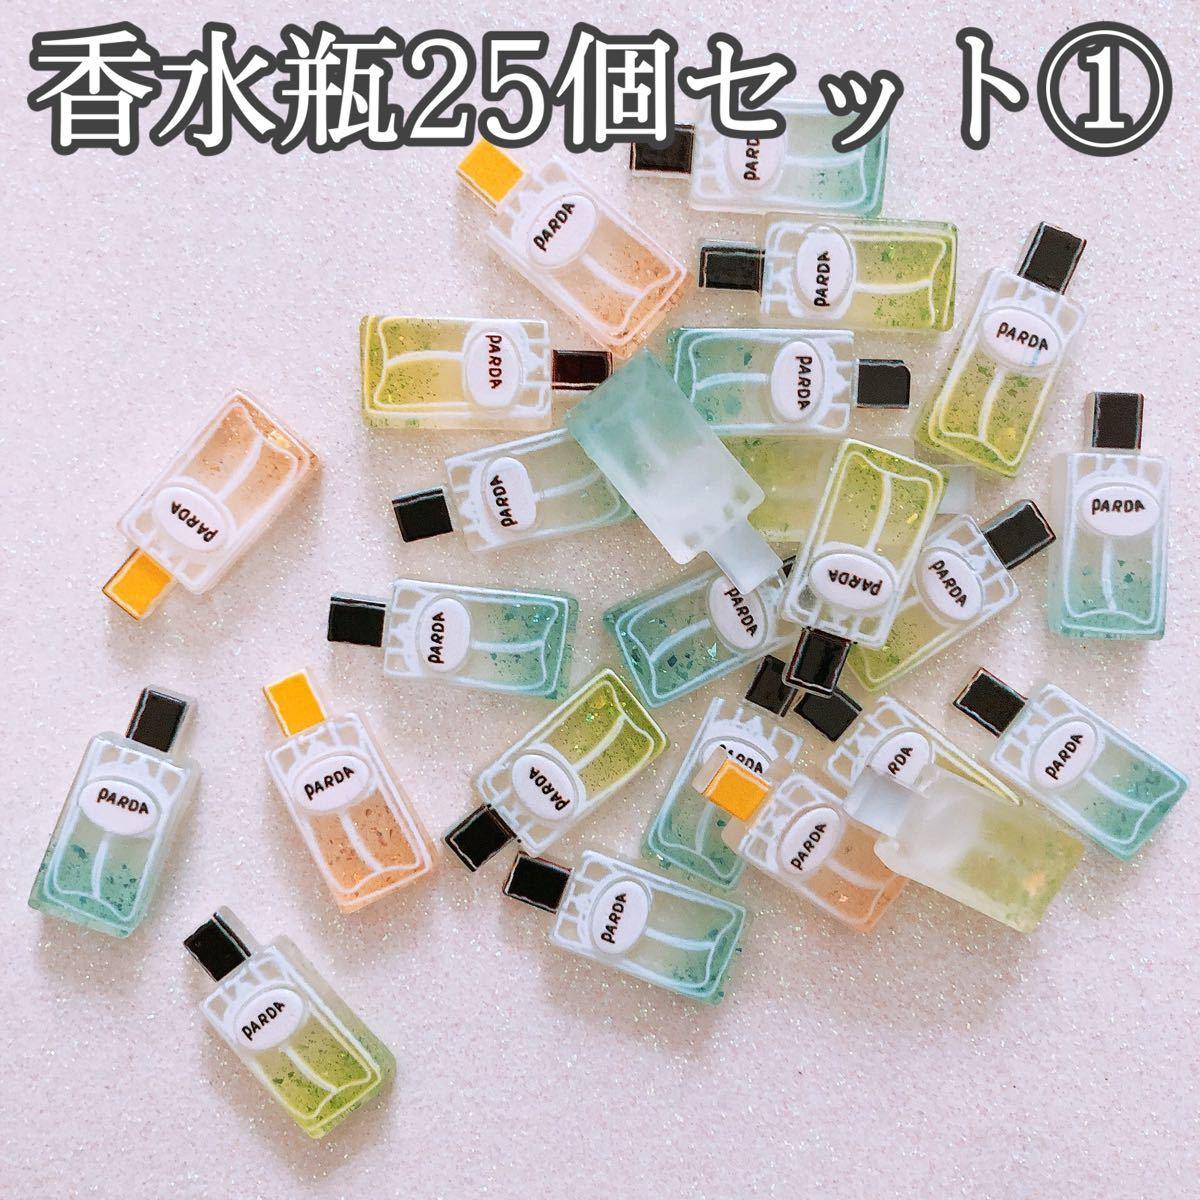 ☆デコパーツ☆ 香水瓶 パーツ 25個セット ラメ入り